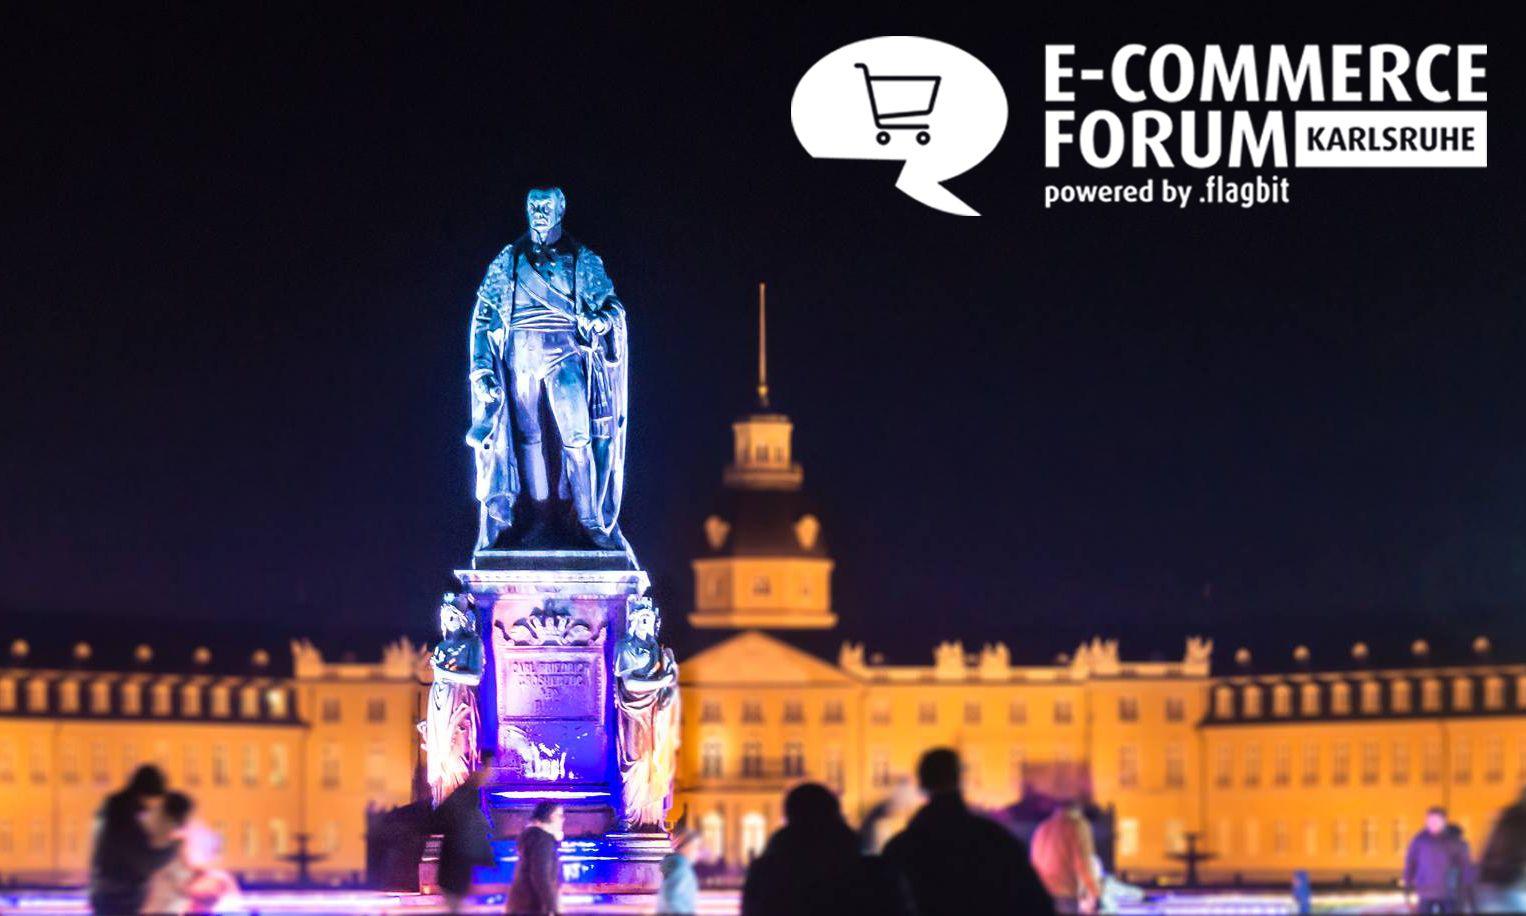 32. E-Commerce Forum Karlsruhe: B2B E-Commerce - 1 MAR 2018